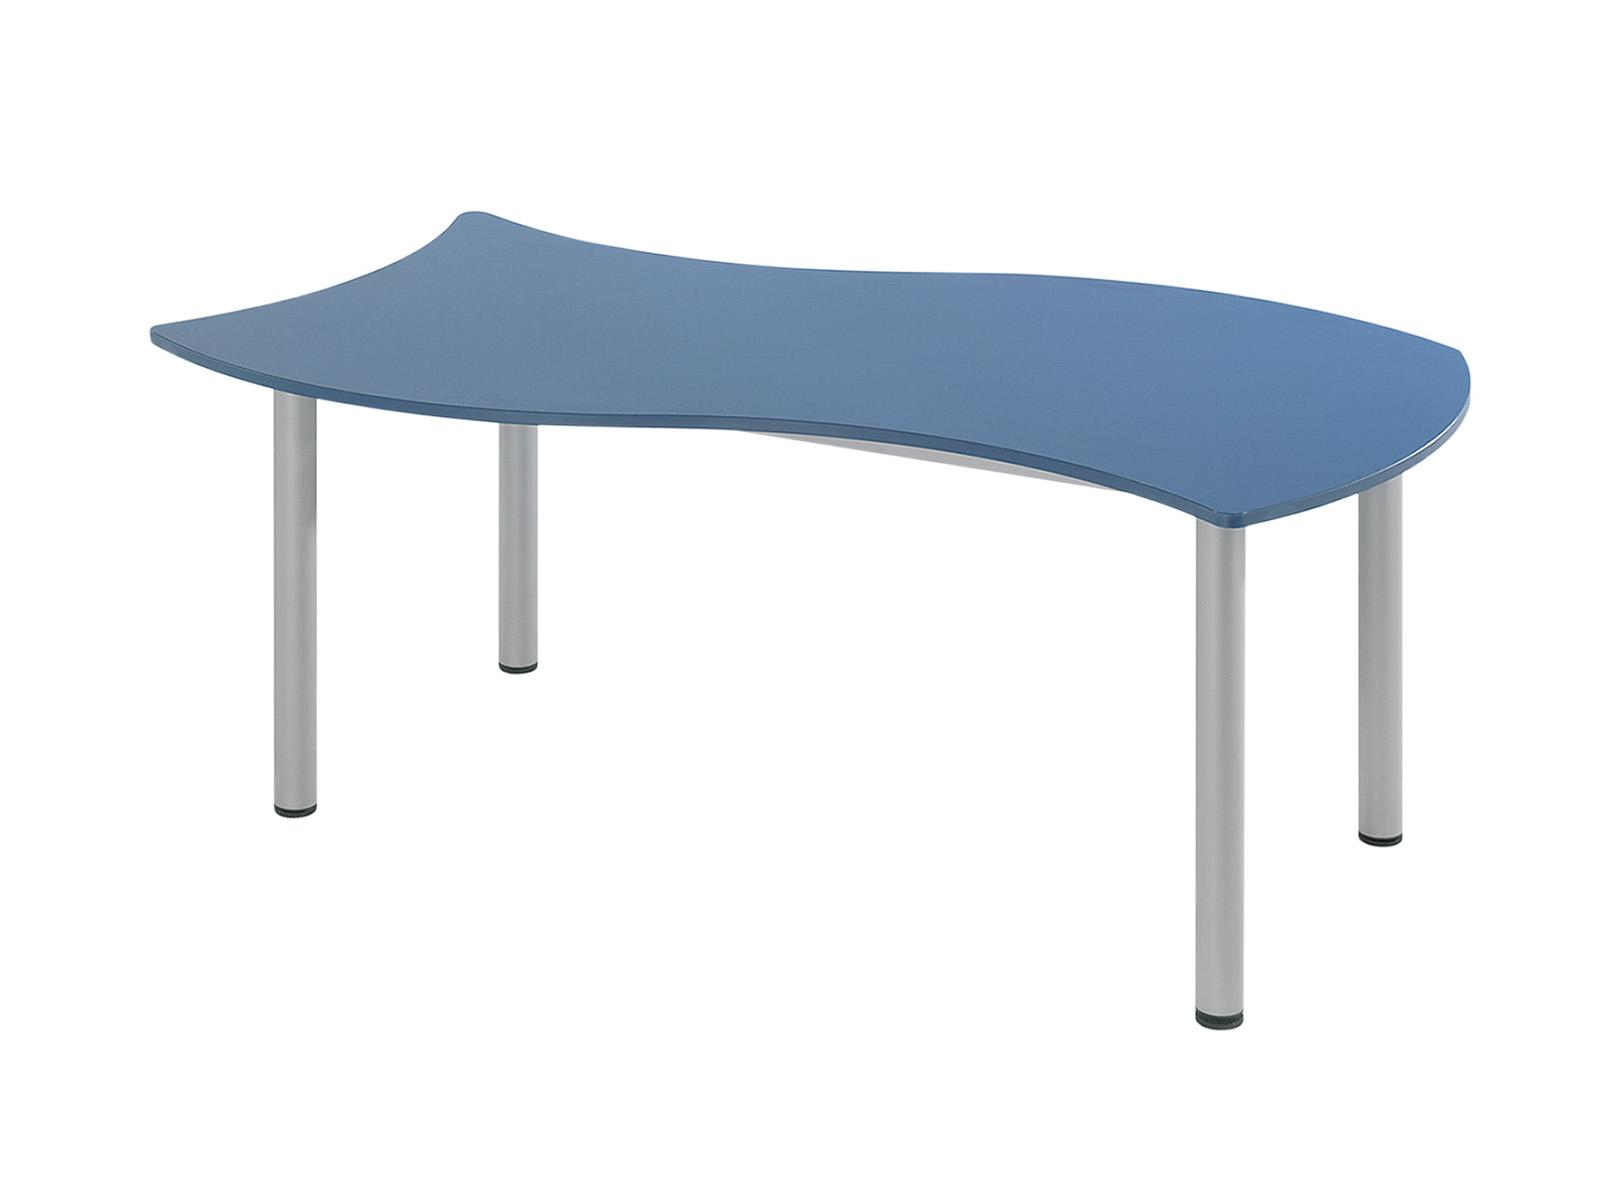 téglalap asztal, szintezhető, laminált